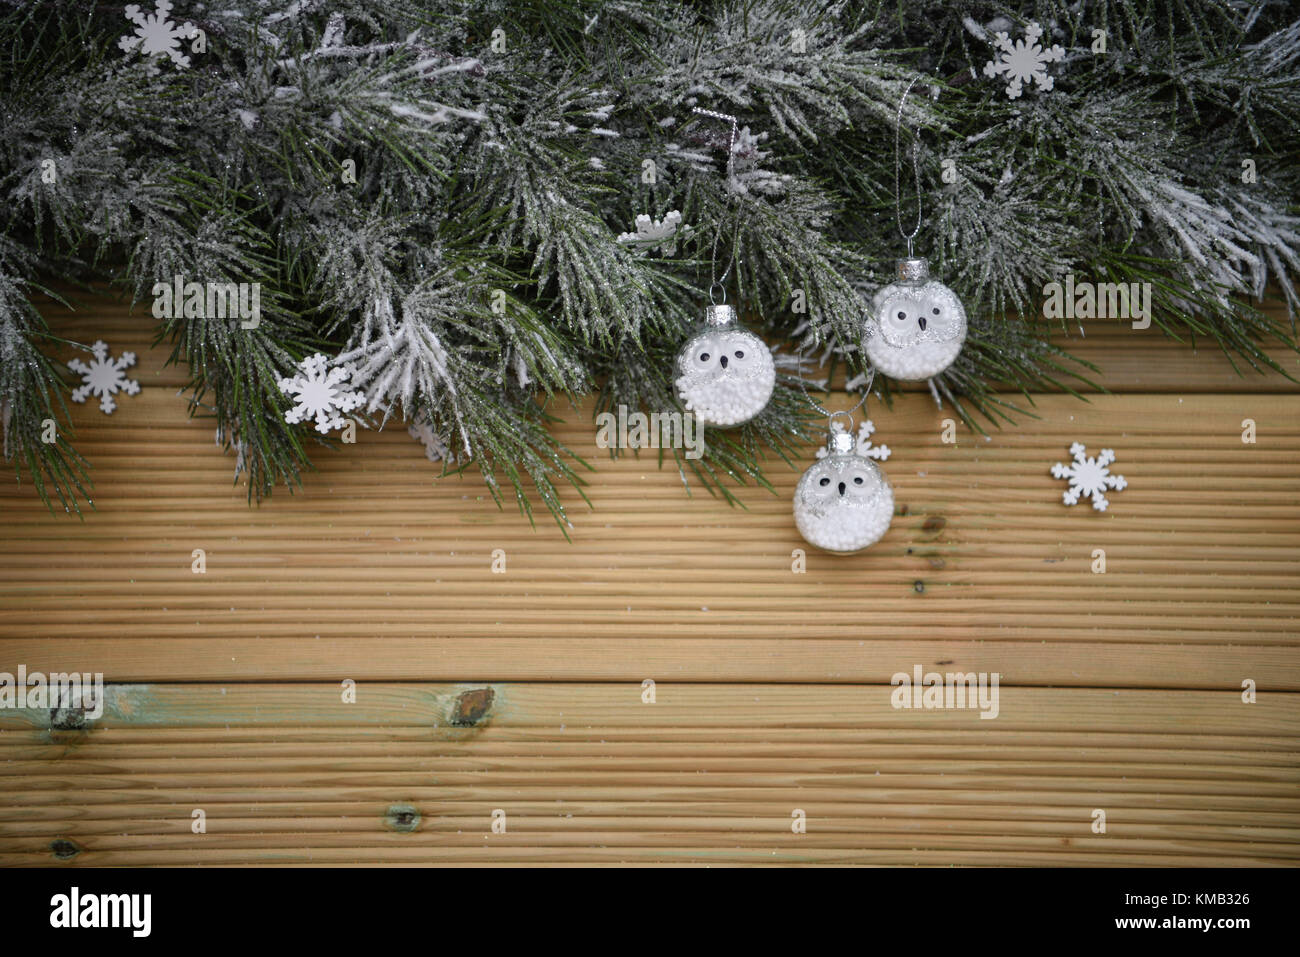 Wintersaison Weihnachtsbaum-girlande mit Schnee und mit rustikalen natürlichen Holz Hintergrund und hängende Stockbild